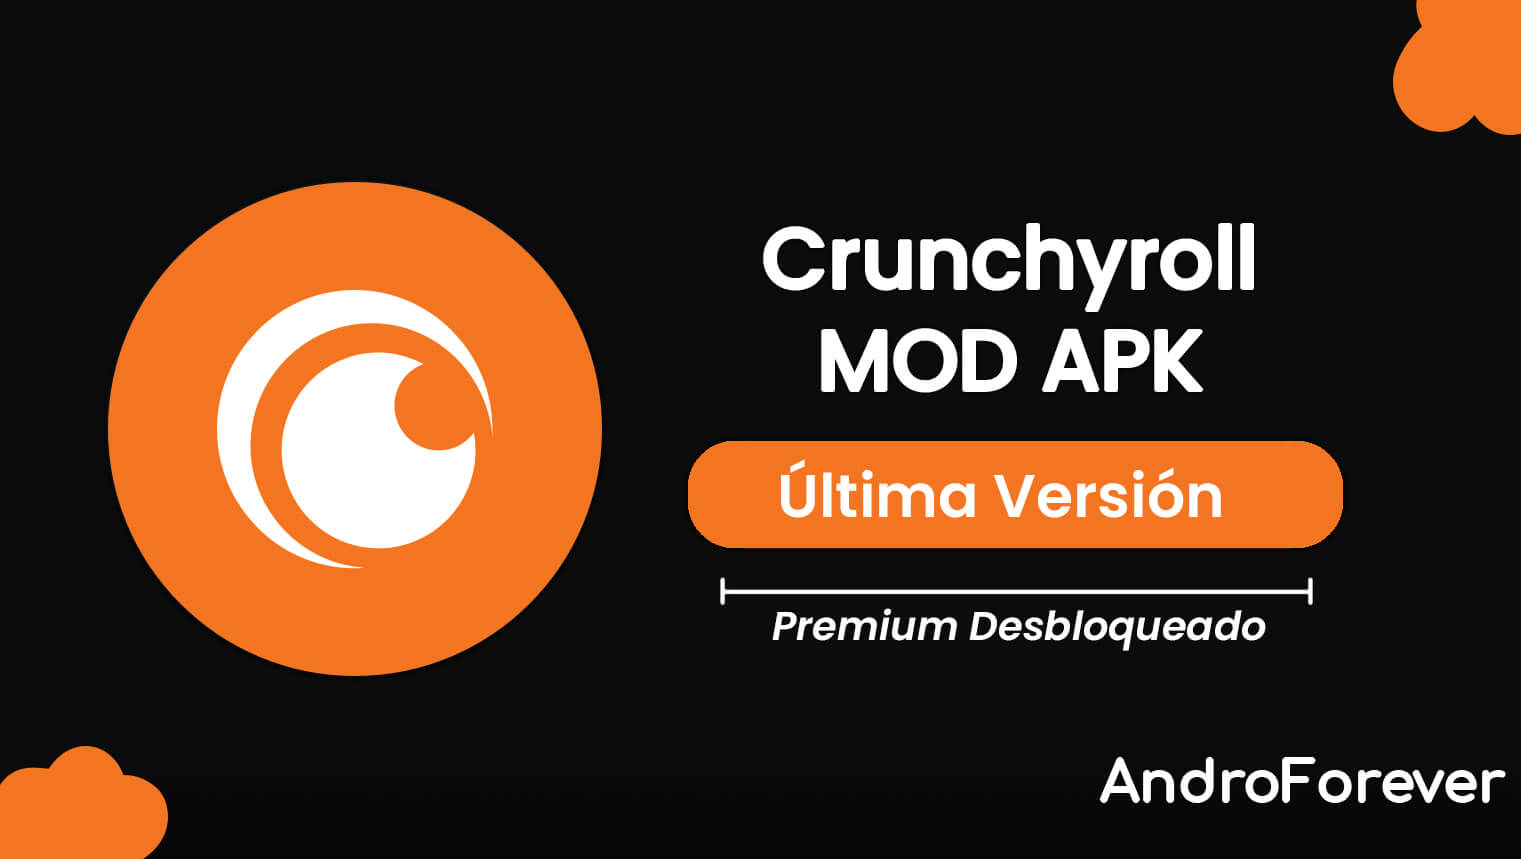 Crunchyroll MOD APK 3.9.1 (Premium Desbloqueado)